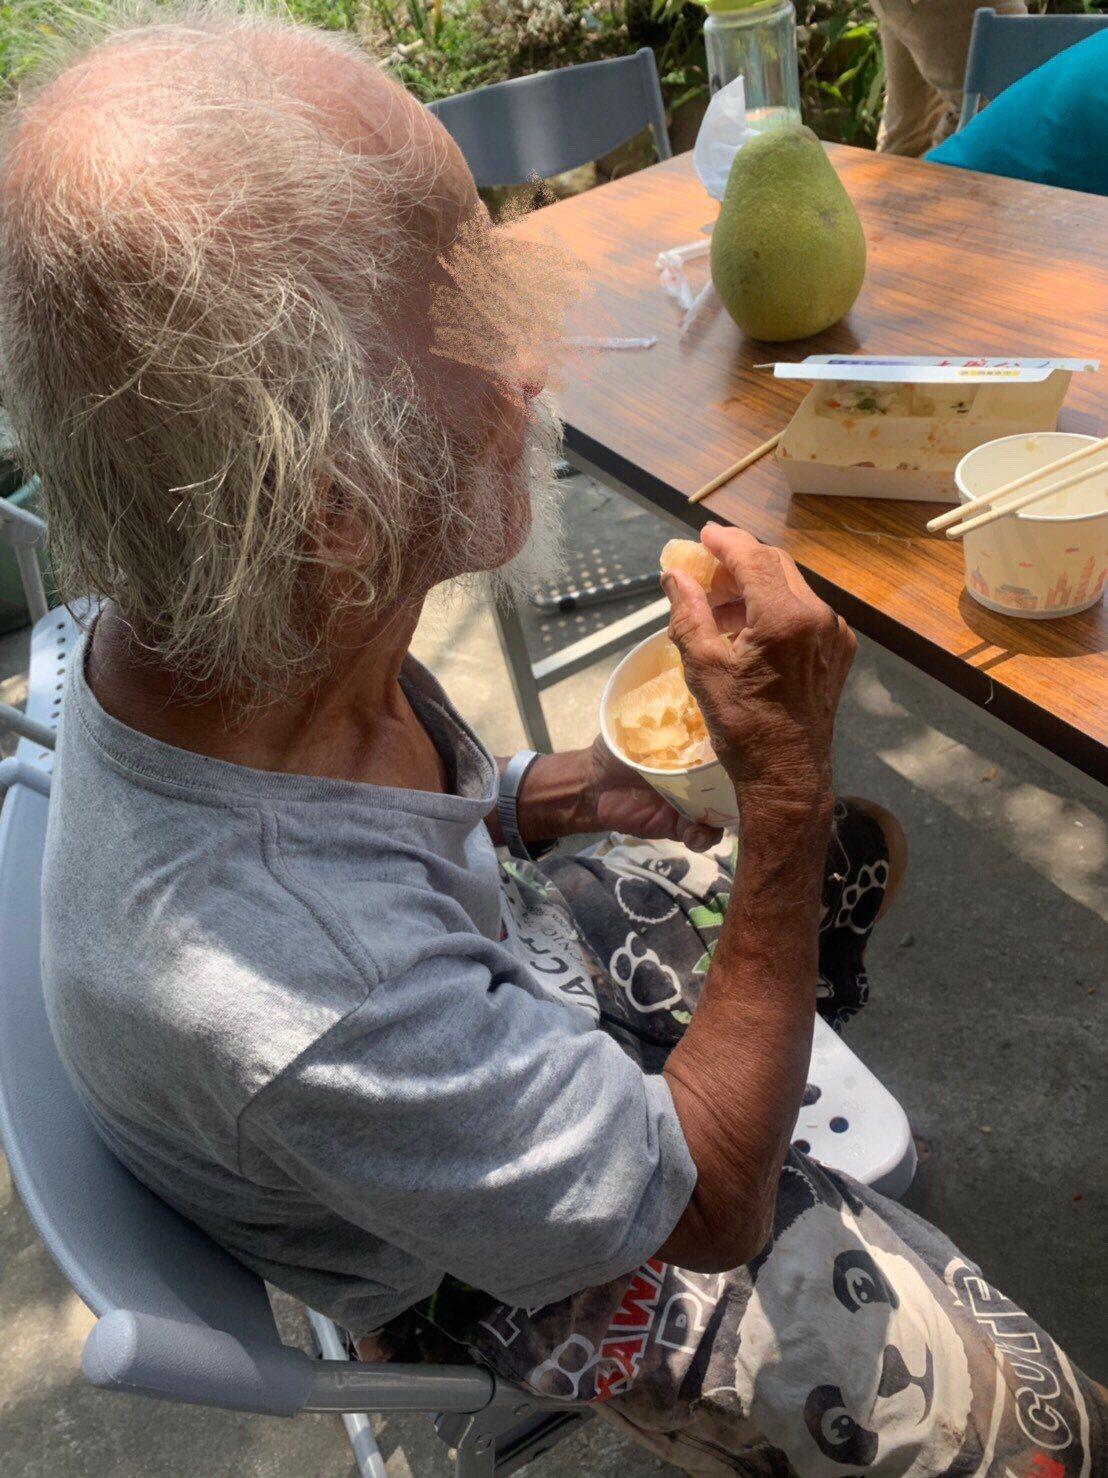 阿昌清潔庇護工場煮了一鍋高麗菜排骨湯,中秋節前夕陪公館鄉78歲邱姓老翁,過了一個...